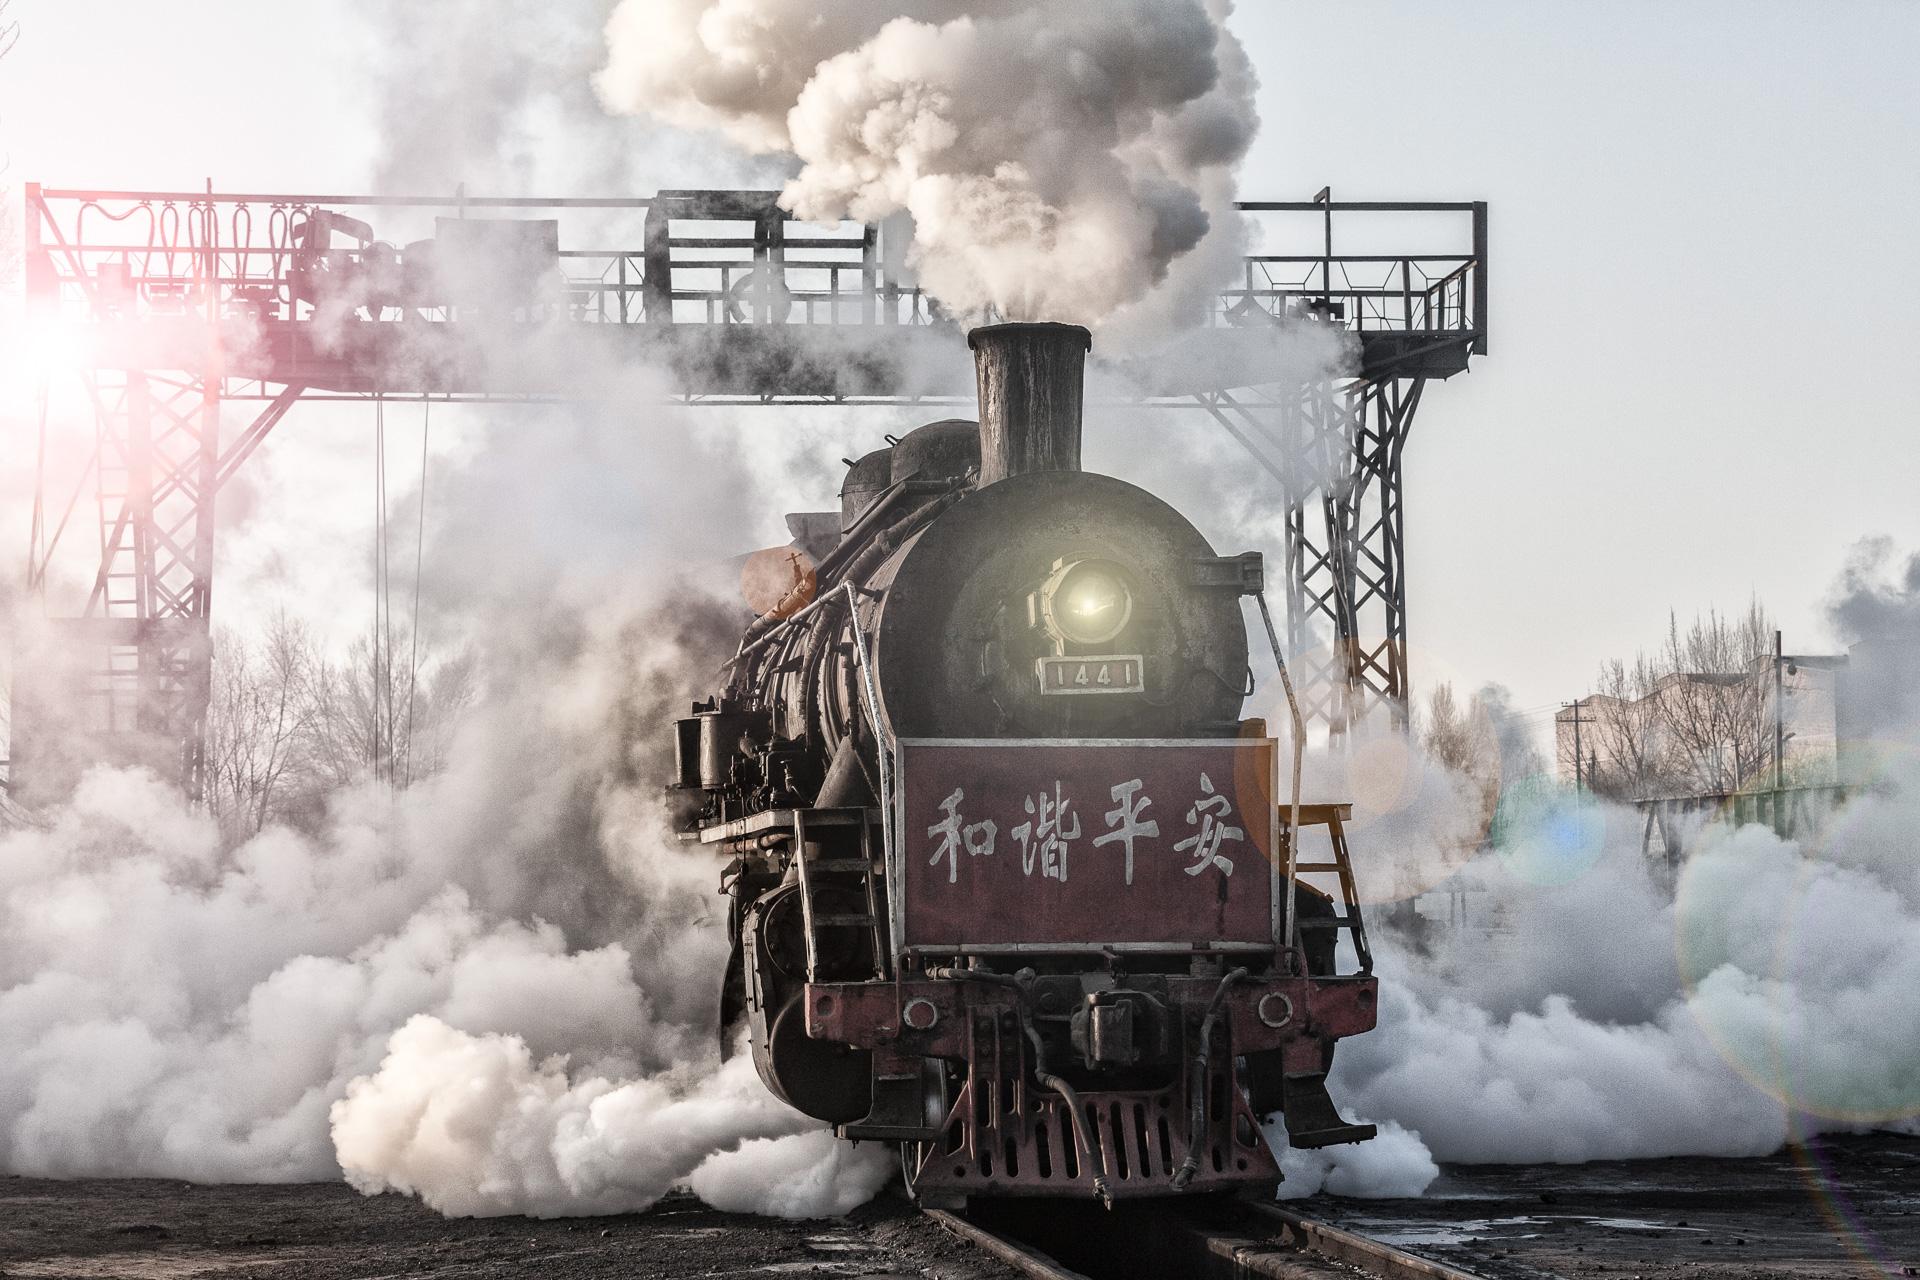 SY 1441  unter dem Kohlenkran der Einsatzstelle Zhuangmei hüllt sich fotogen in tosende Dampfschwaden. Sie wird den nächsten Zug übernehmen.